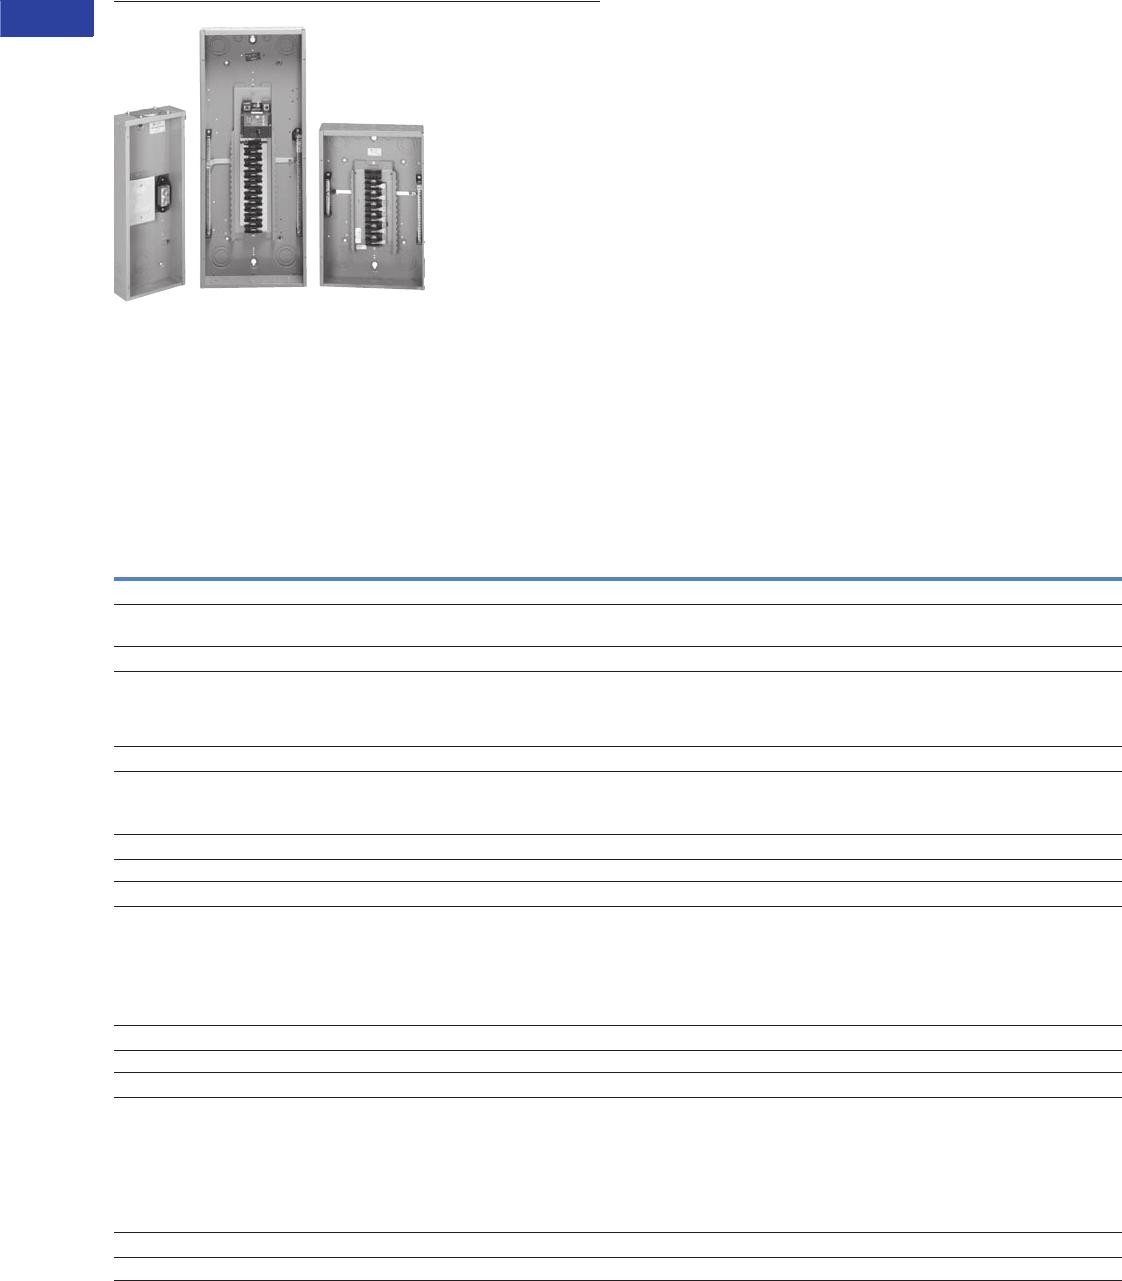 Volume 1 Tab Brochure Space 4circuit Outdoor Singlephase Main Lug Circuit Breaker Panel